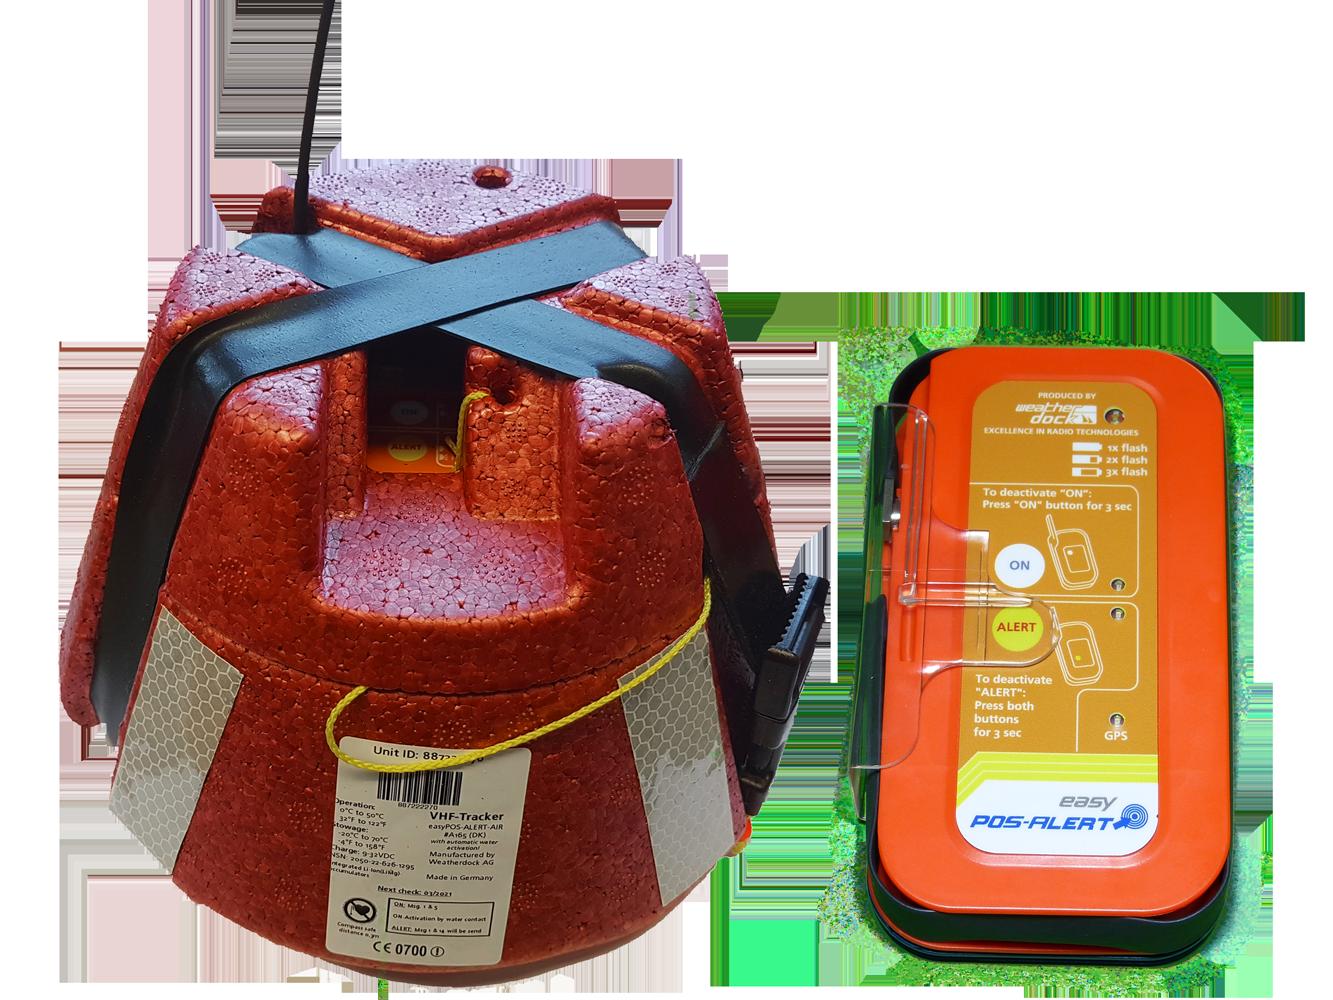 A167 easyAIRDROP rechargeable Produktbild